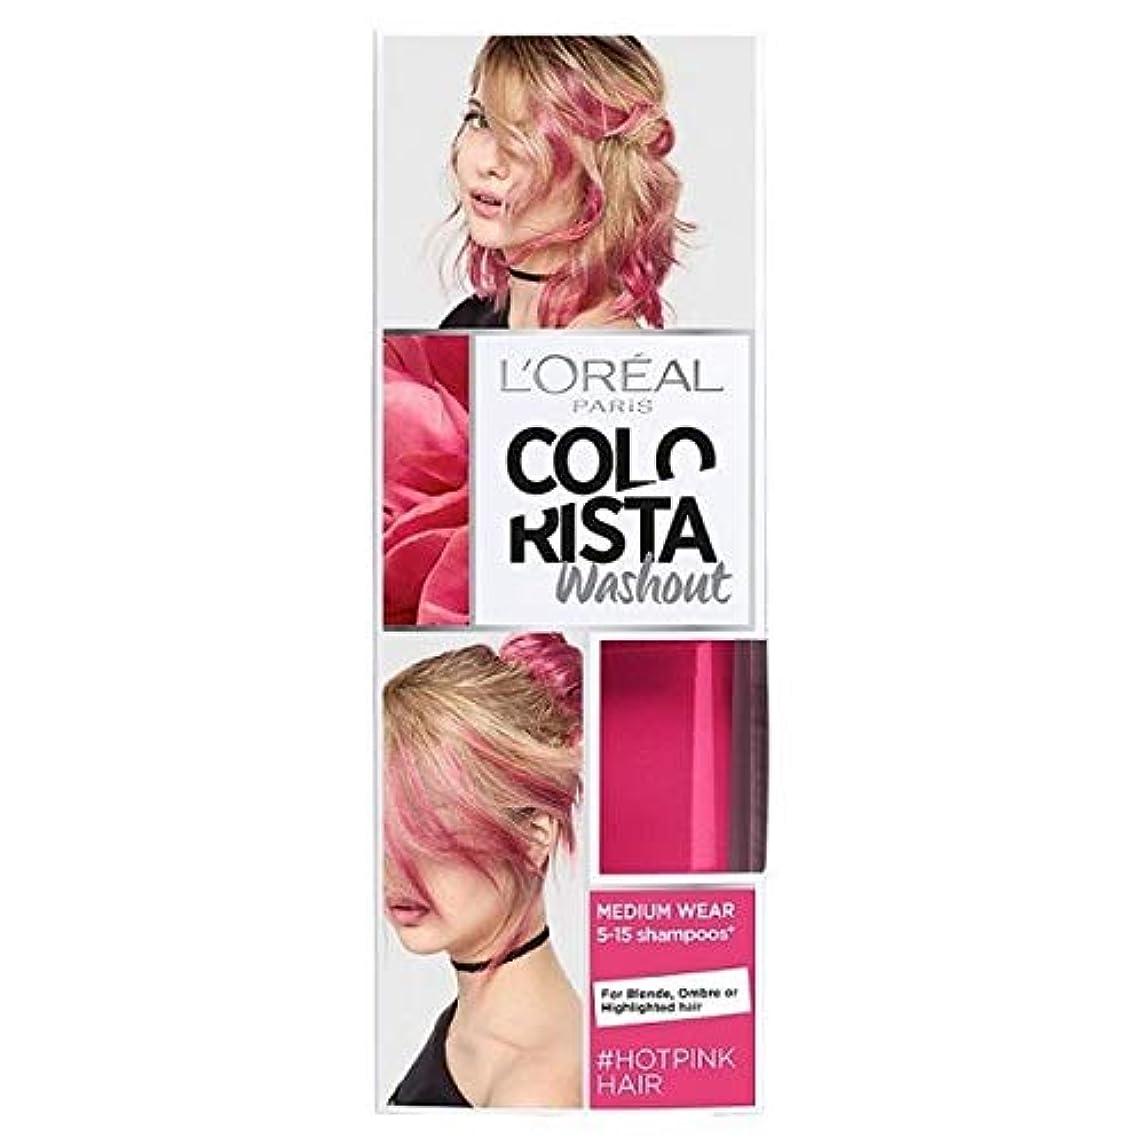 ティッシュ血統高揚した[Colorista] Coloristaウォッシュアウトホットピンクのネオン半永久染毛剤 - Colorista Washout Hot Pink Neon Semi-Permanent Hair Dye [並行輸入品]